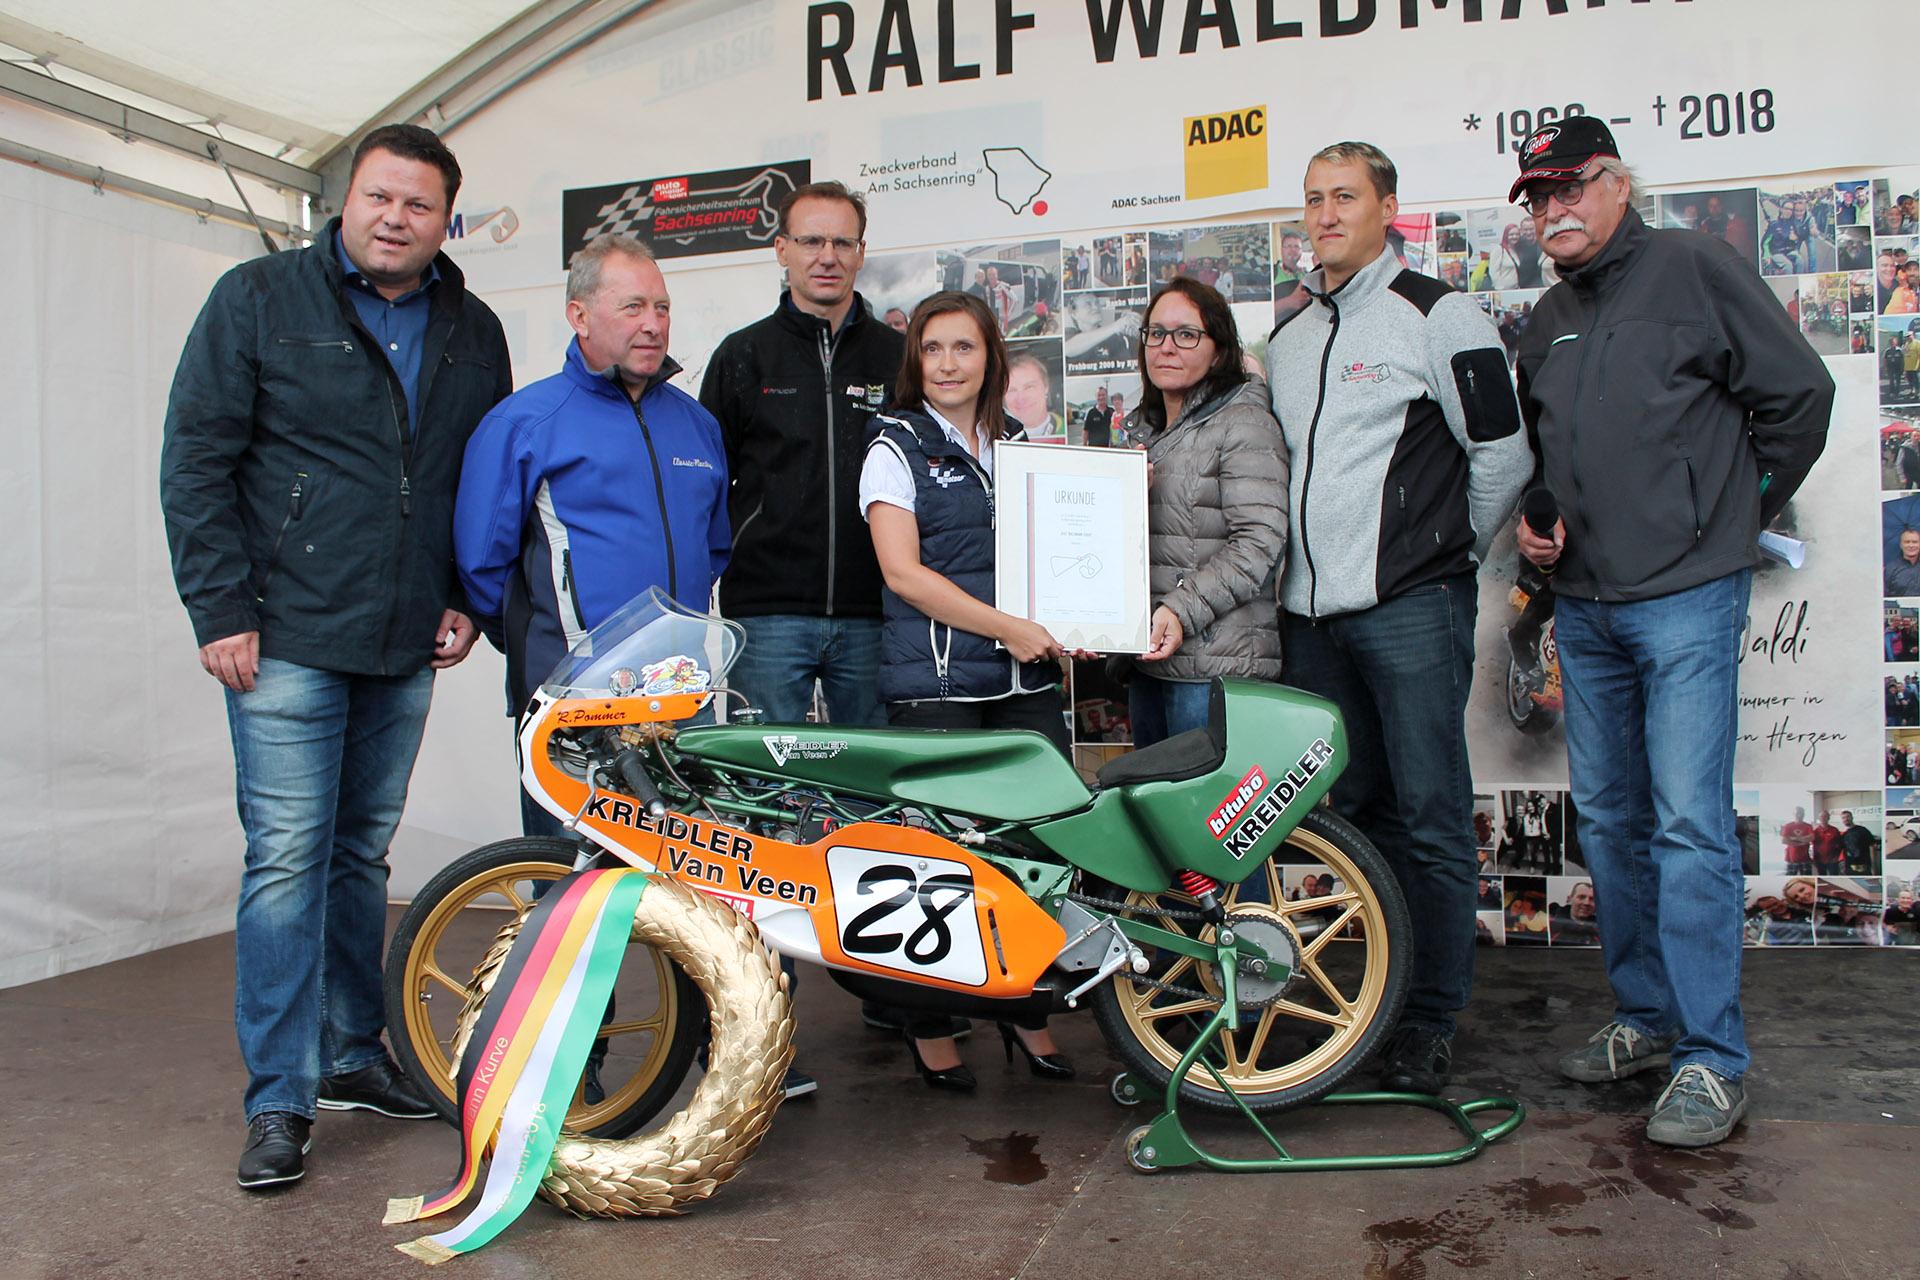 Sachsenring: Legendäre Kurve 11 wurde zur Ralf-Waldmann-Kurve umbenannt